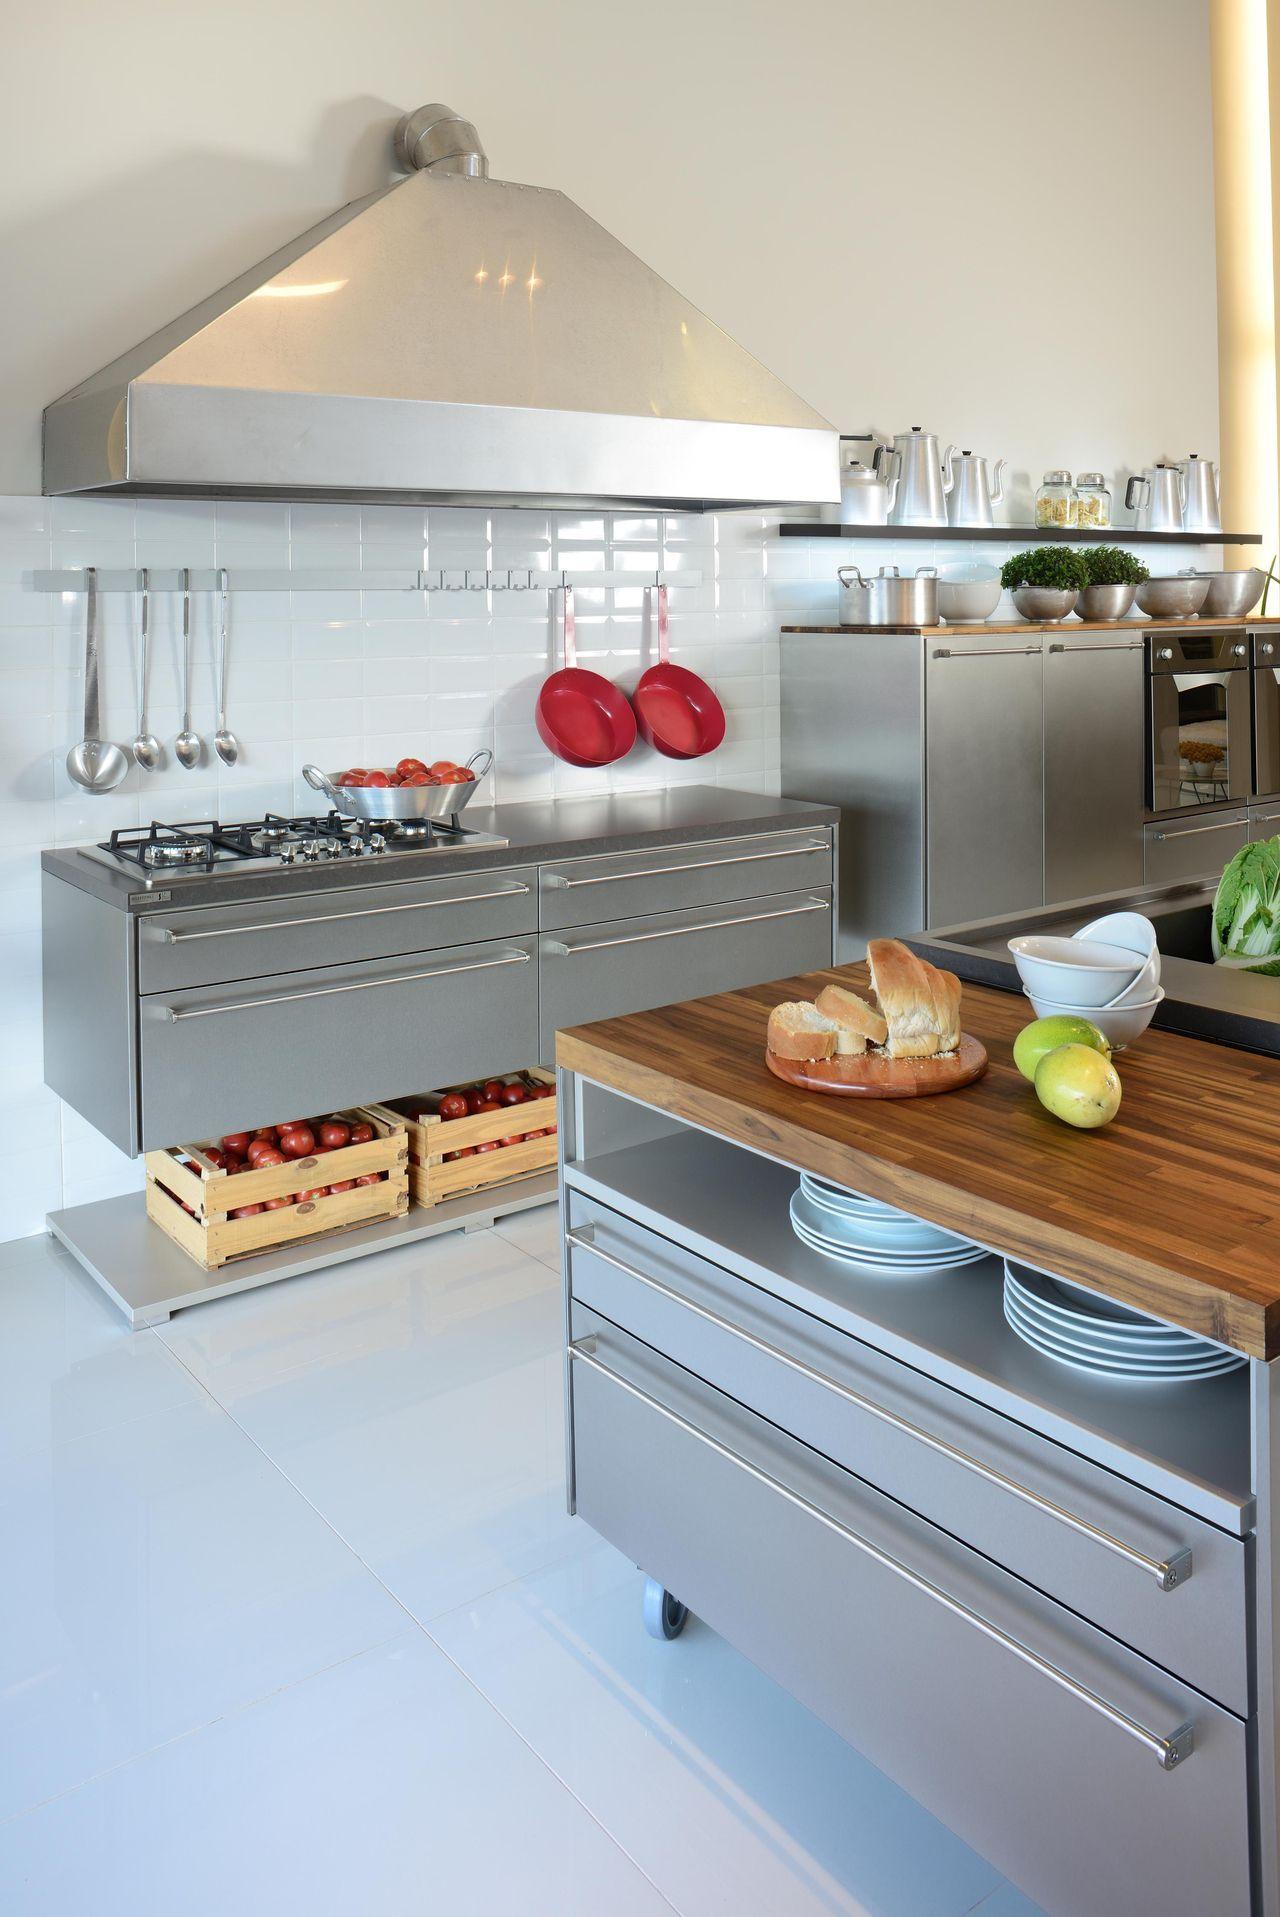 Cozinha Planejada Com Panelas Vermelha De Evviva Bertolini 67733